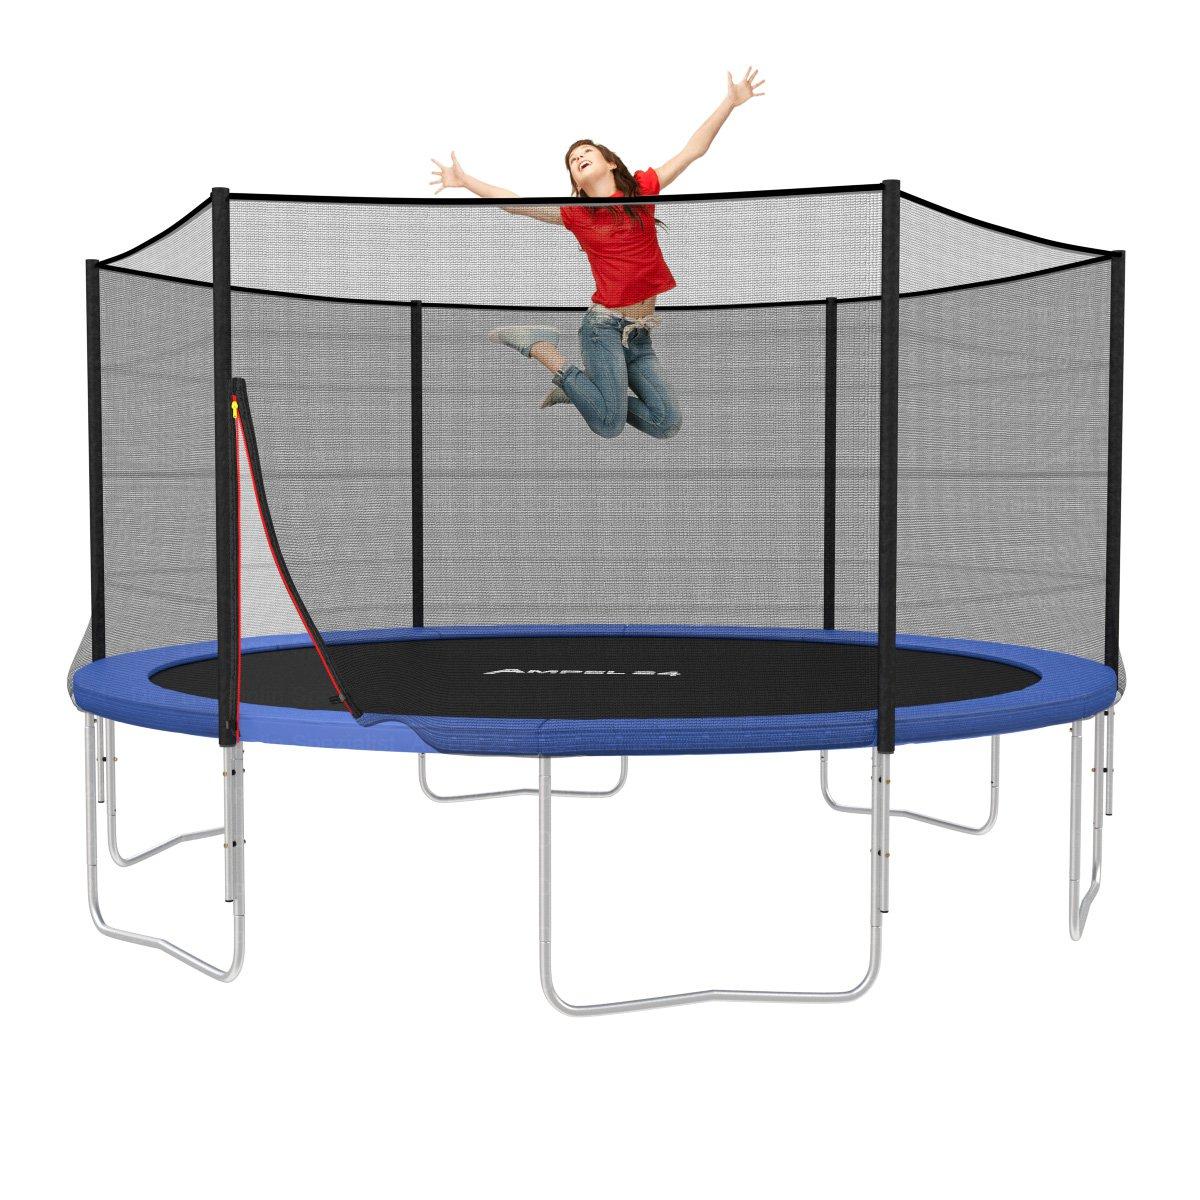 original ampel 24 trampolin 430 cm mit sicherheitsnetz version 2014 ebay. Black Bedroom Furniture Sets. Home Design Ideas